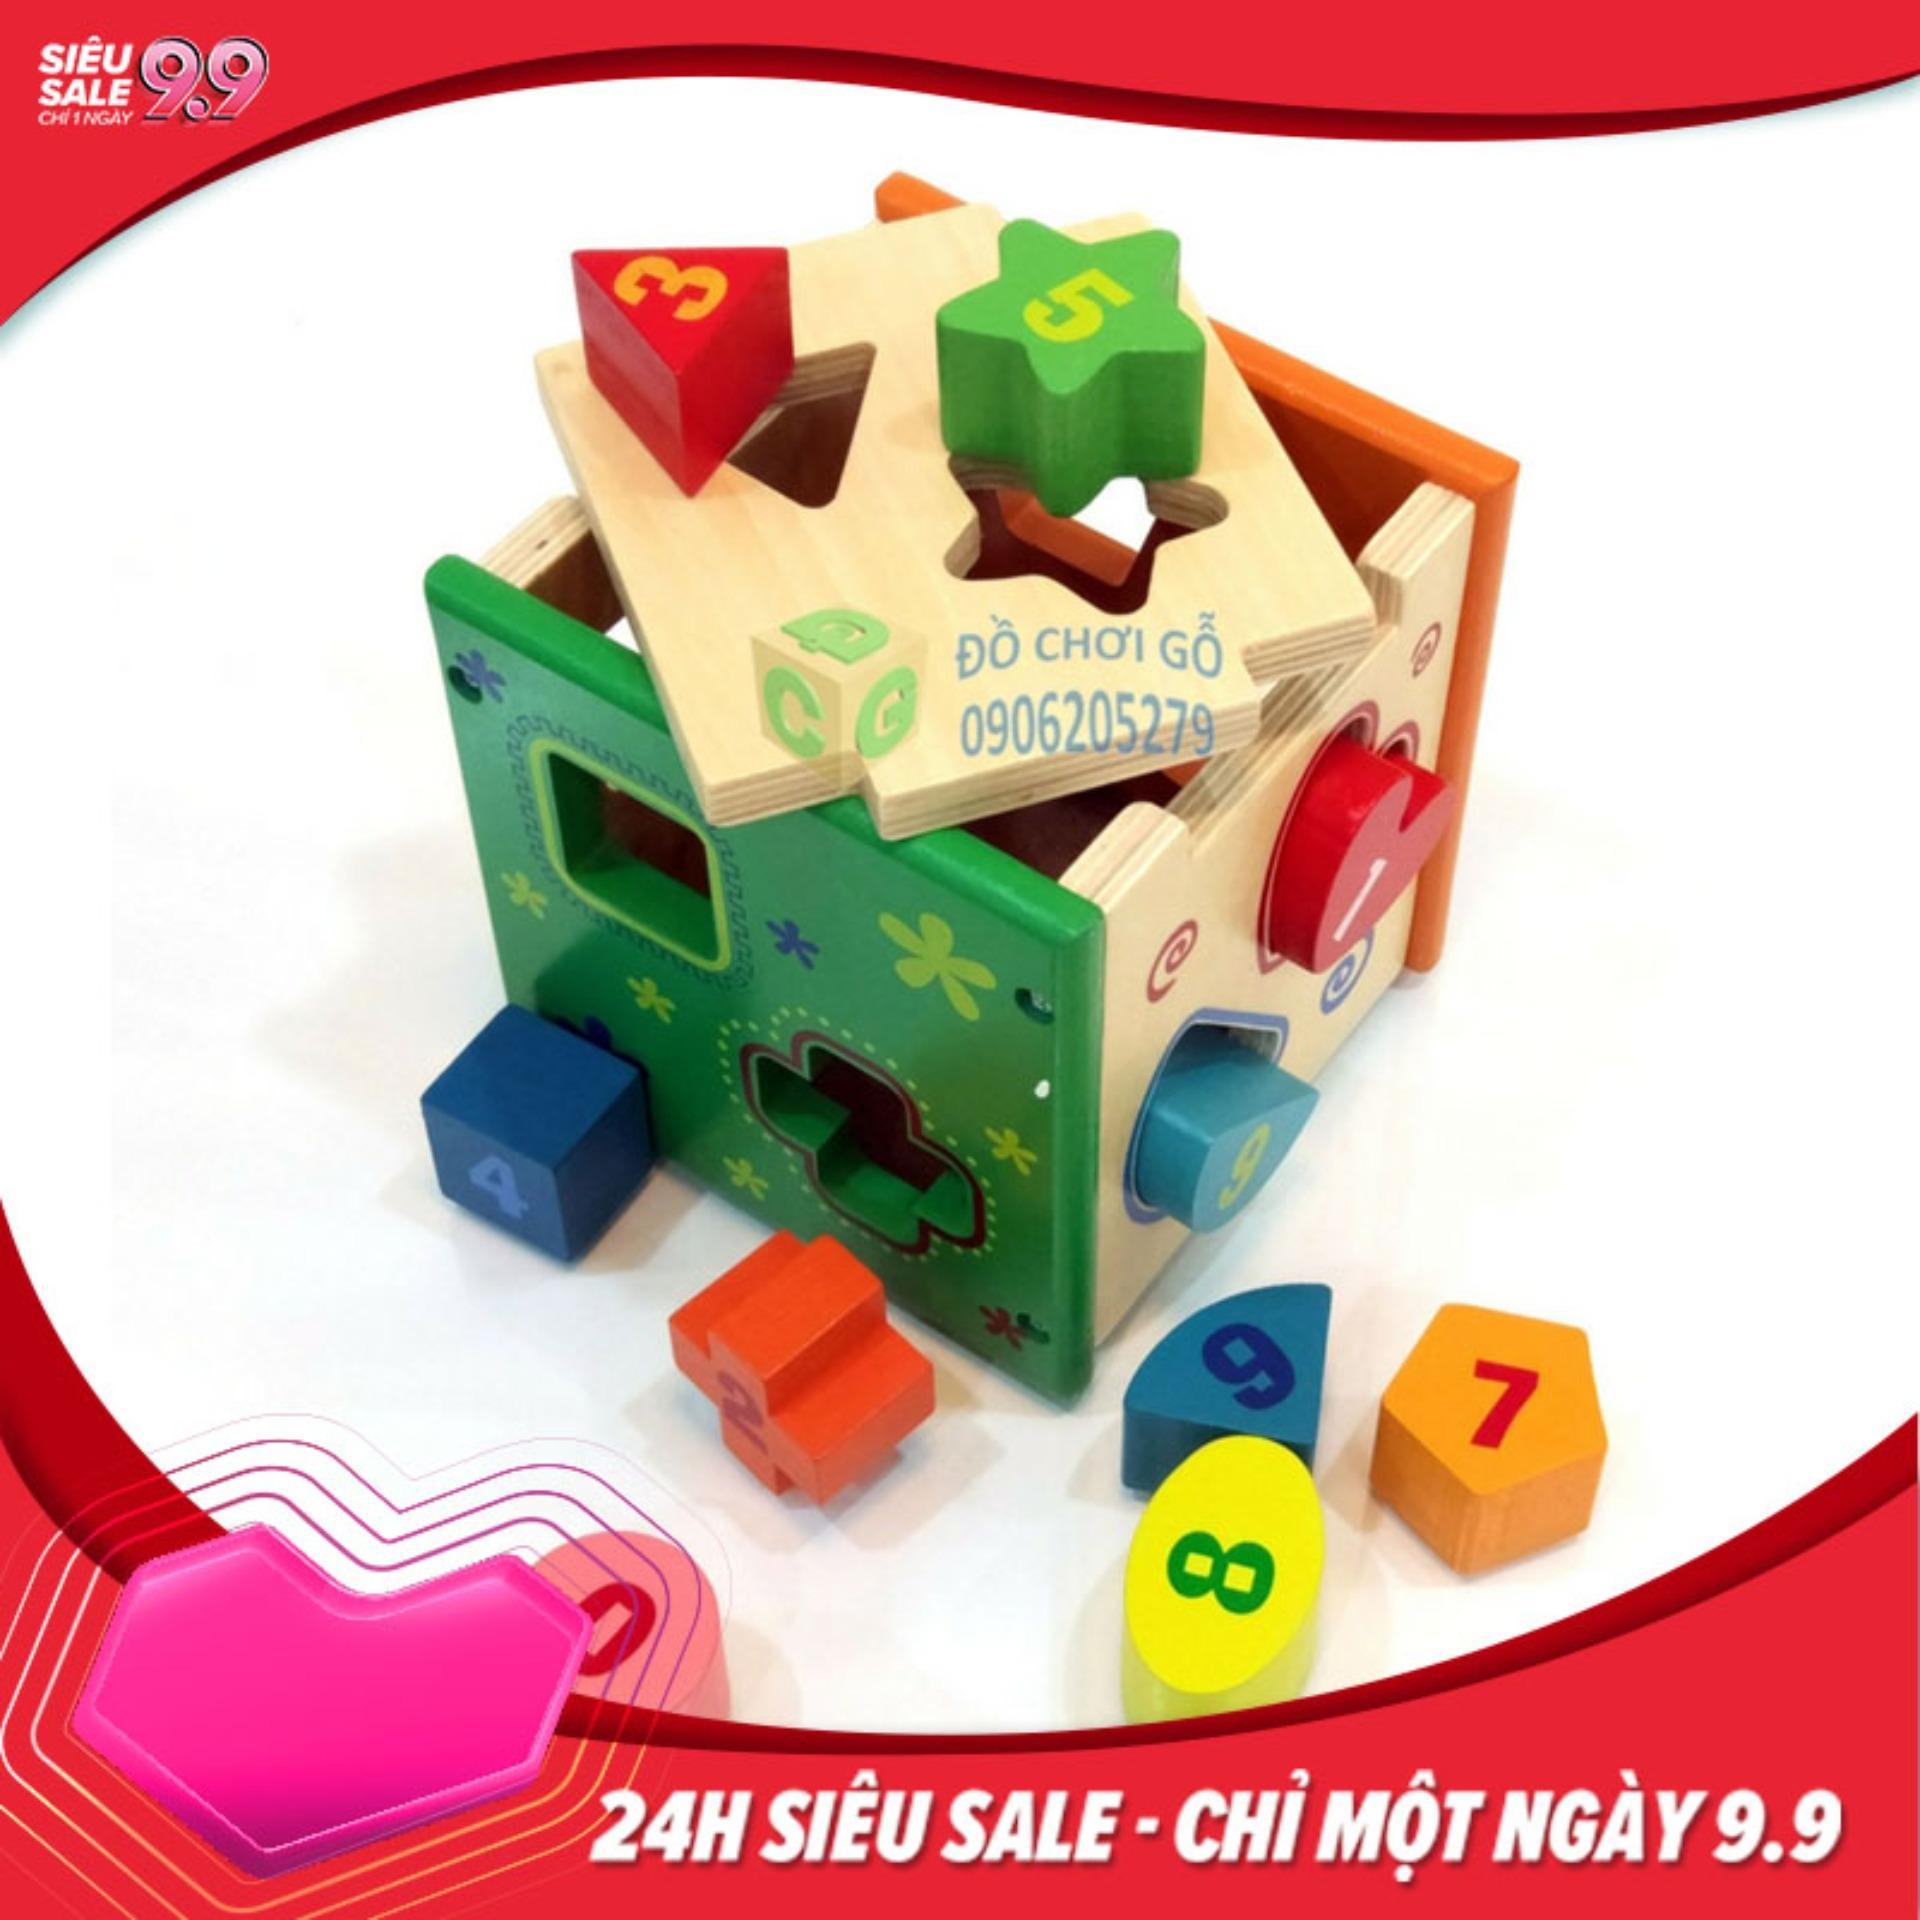 Hộp thả hình khối gỗ, Do Choi Tre Em - Đồ Chơi gỗ thông minh cho bé rèn luyện các kĩ năng cơ bản.